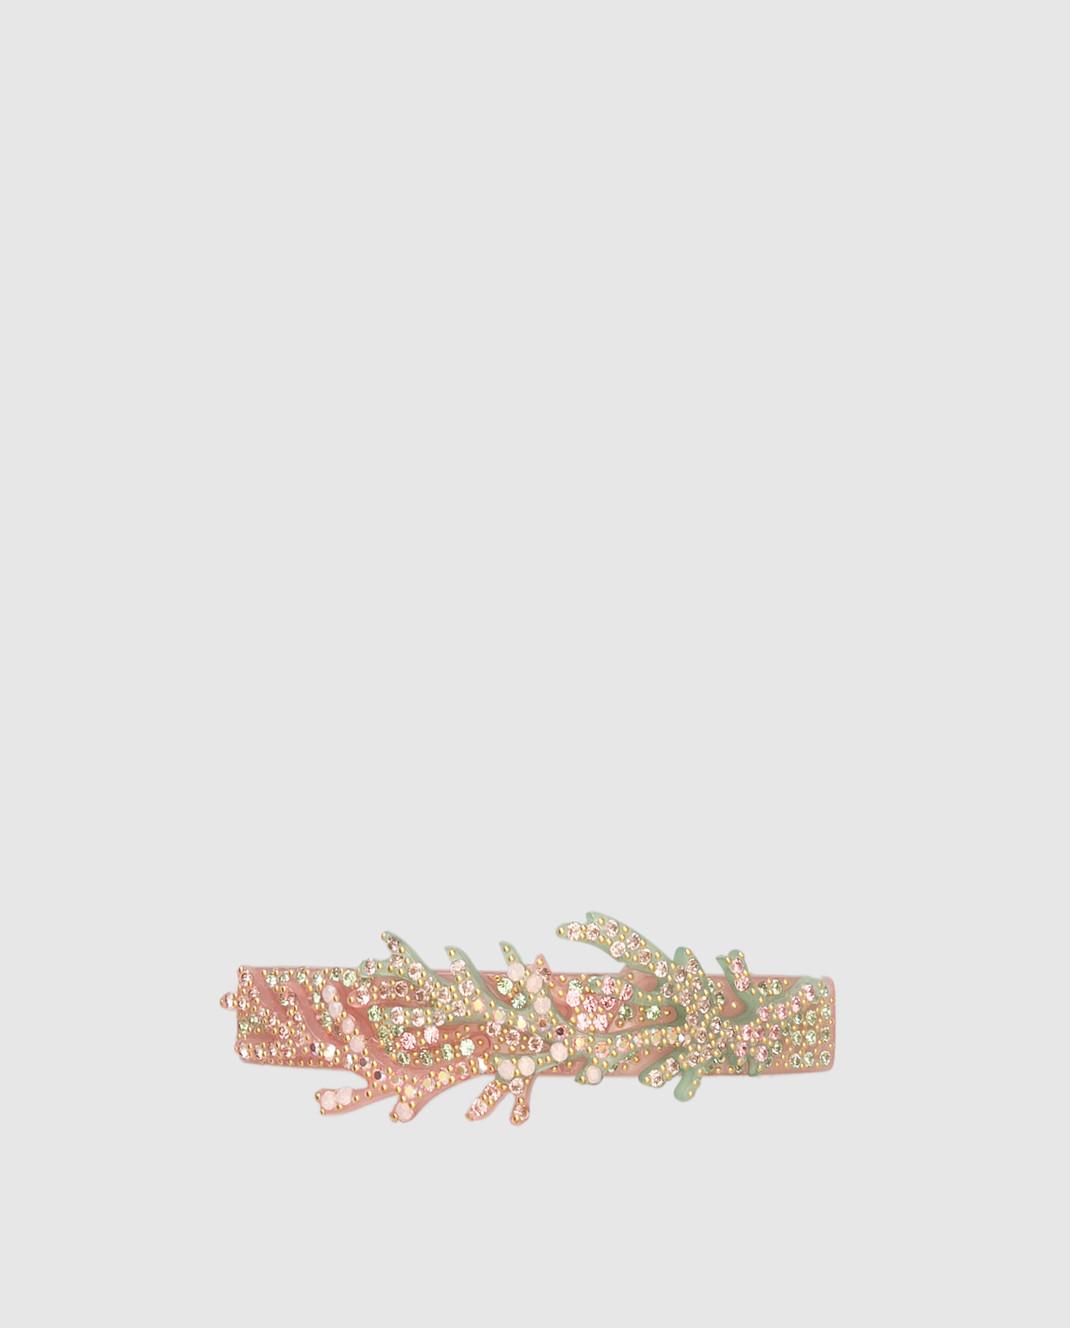 Davidian Розовая заколка с кристаллами Swarovski изображение 1